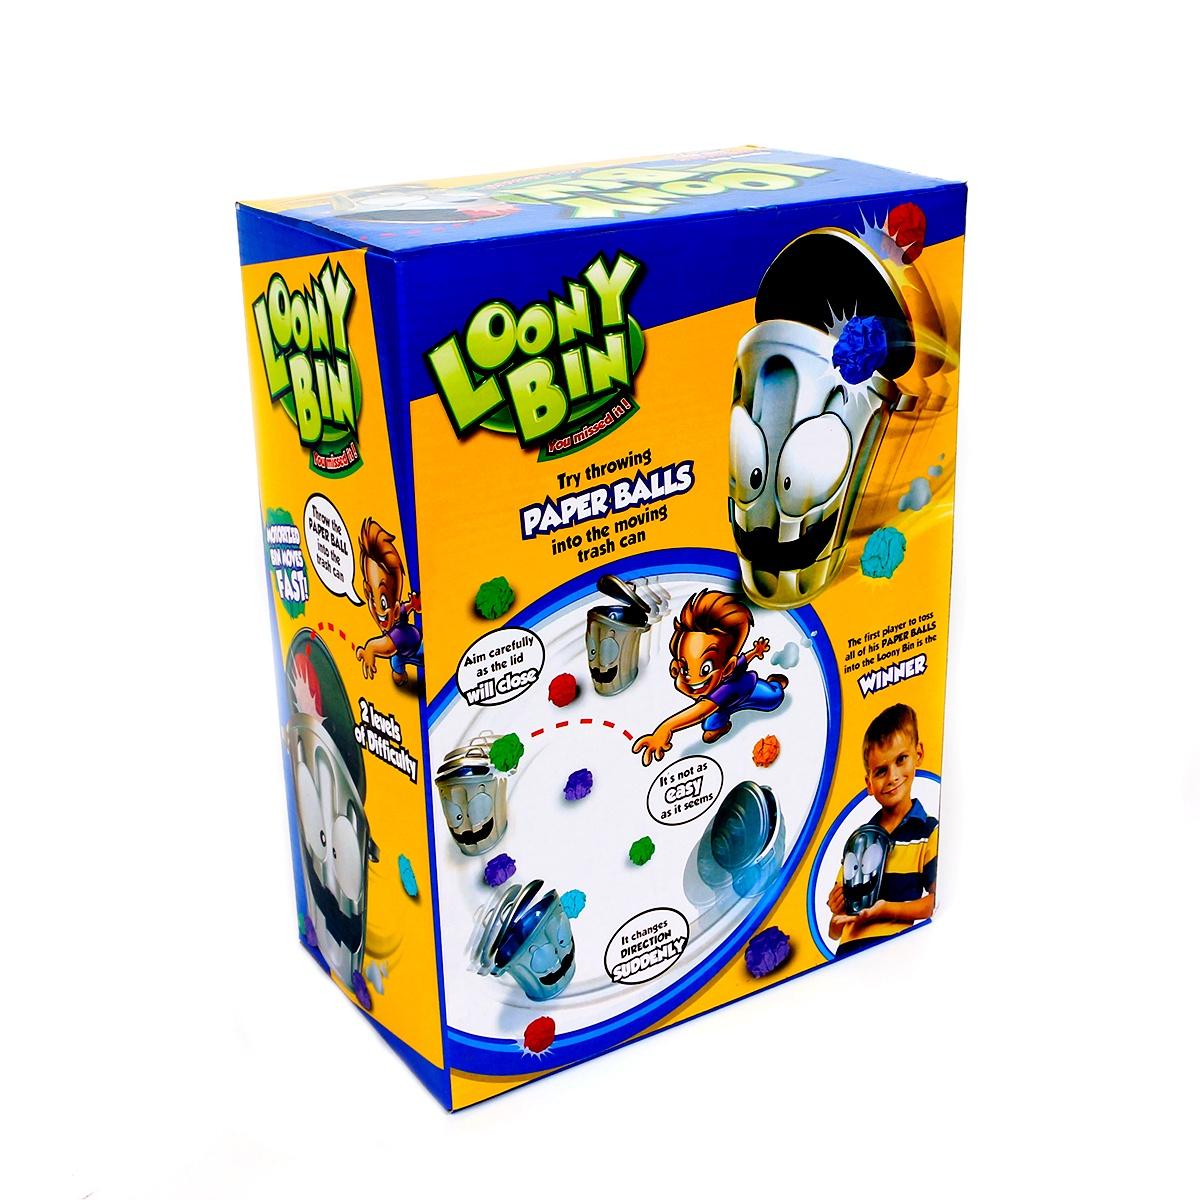 Настольная игра JT TOYS 115-39/ серый, желтый настольная игра s s toys сумашедшее ведро 200153749 1124626